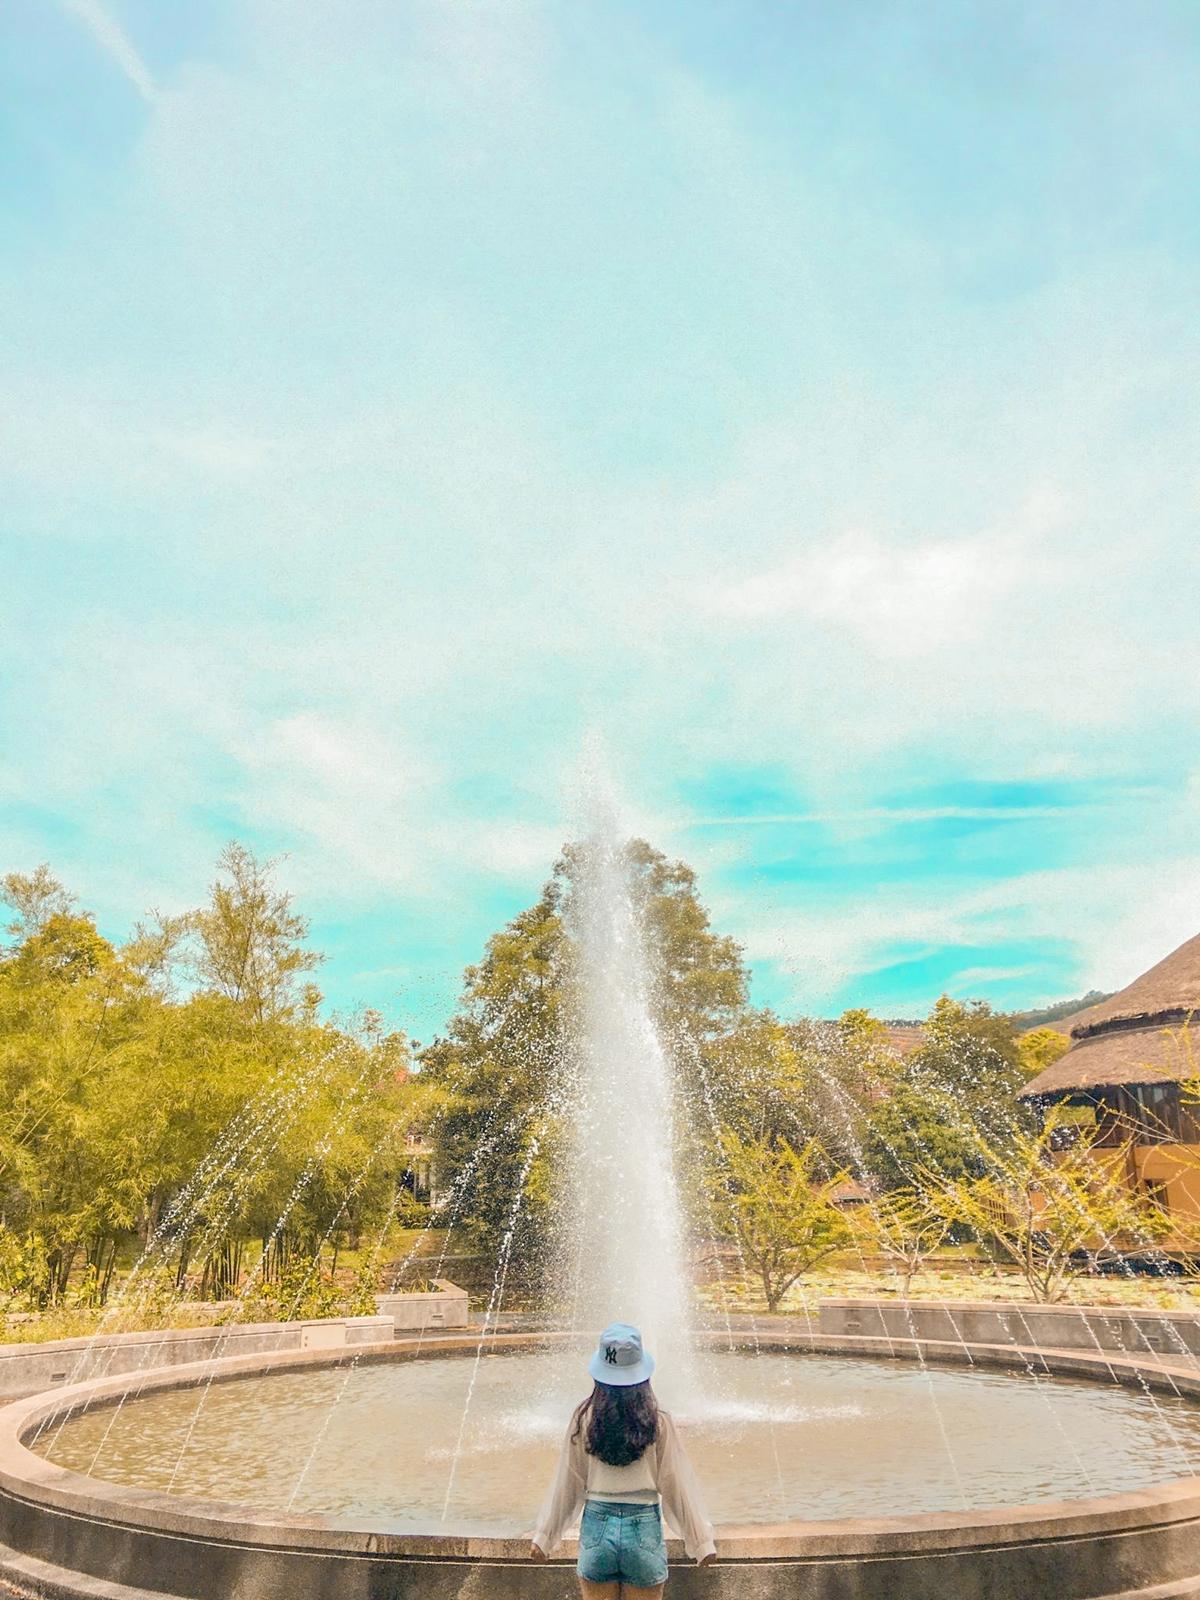 Suối nước nóng Alba Thanh Tân (huyện Phong Điền) - điểm đến được nhiều người yêu thích mùa hè - sẽ cho bạn trăm góc ảnh đẹp. Khu du lịch này được xây dựng trên diện tích 50 ha, nổi bật với những suối nước nóng tự nhiên, phù hợp cho người lớn tuổi.